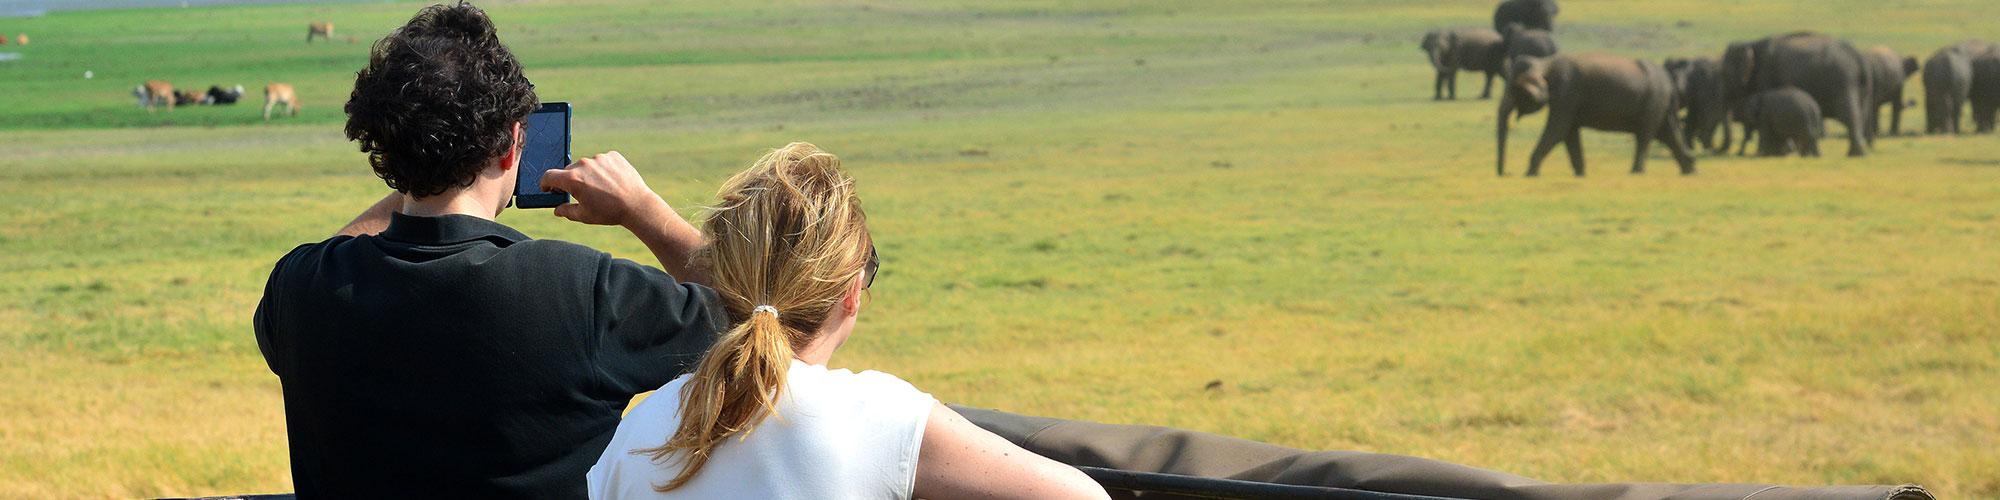 Minneriya safari from Kandy